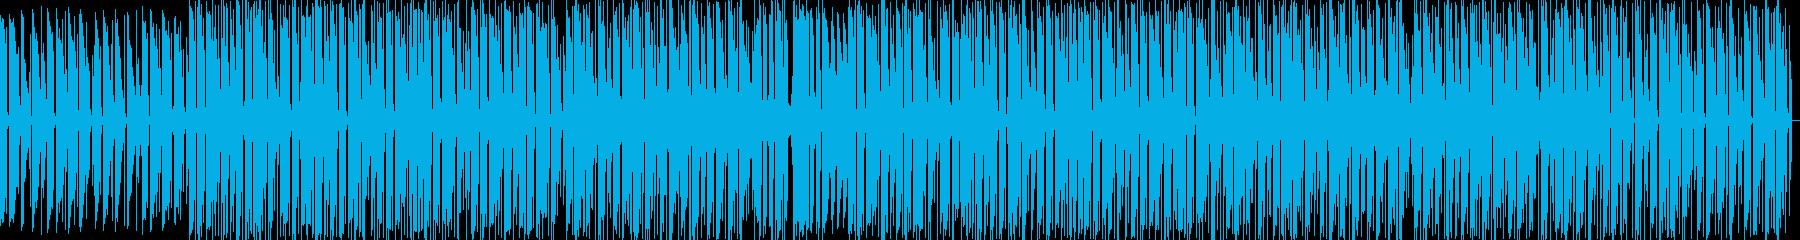 明るい感じのlofi HIPHOP の再生済みの波形